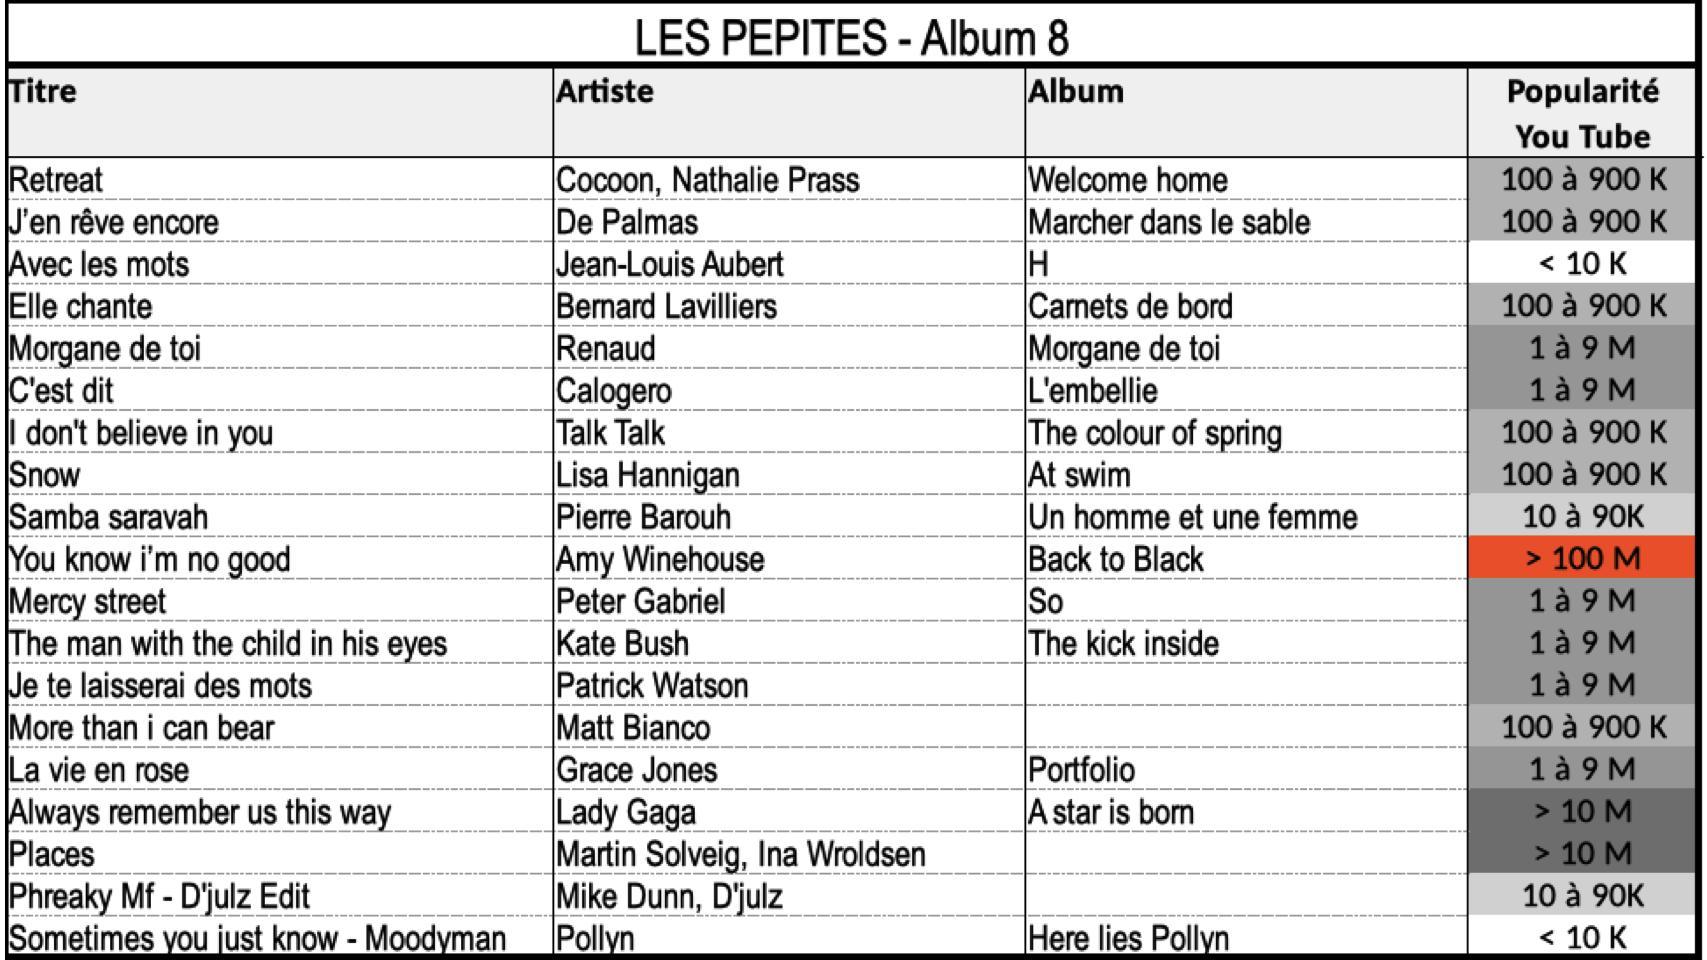 Liste Album 8 rev